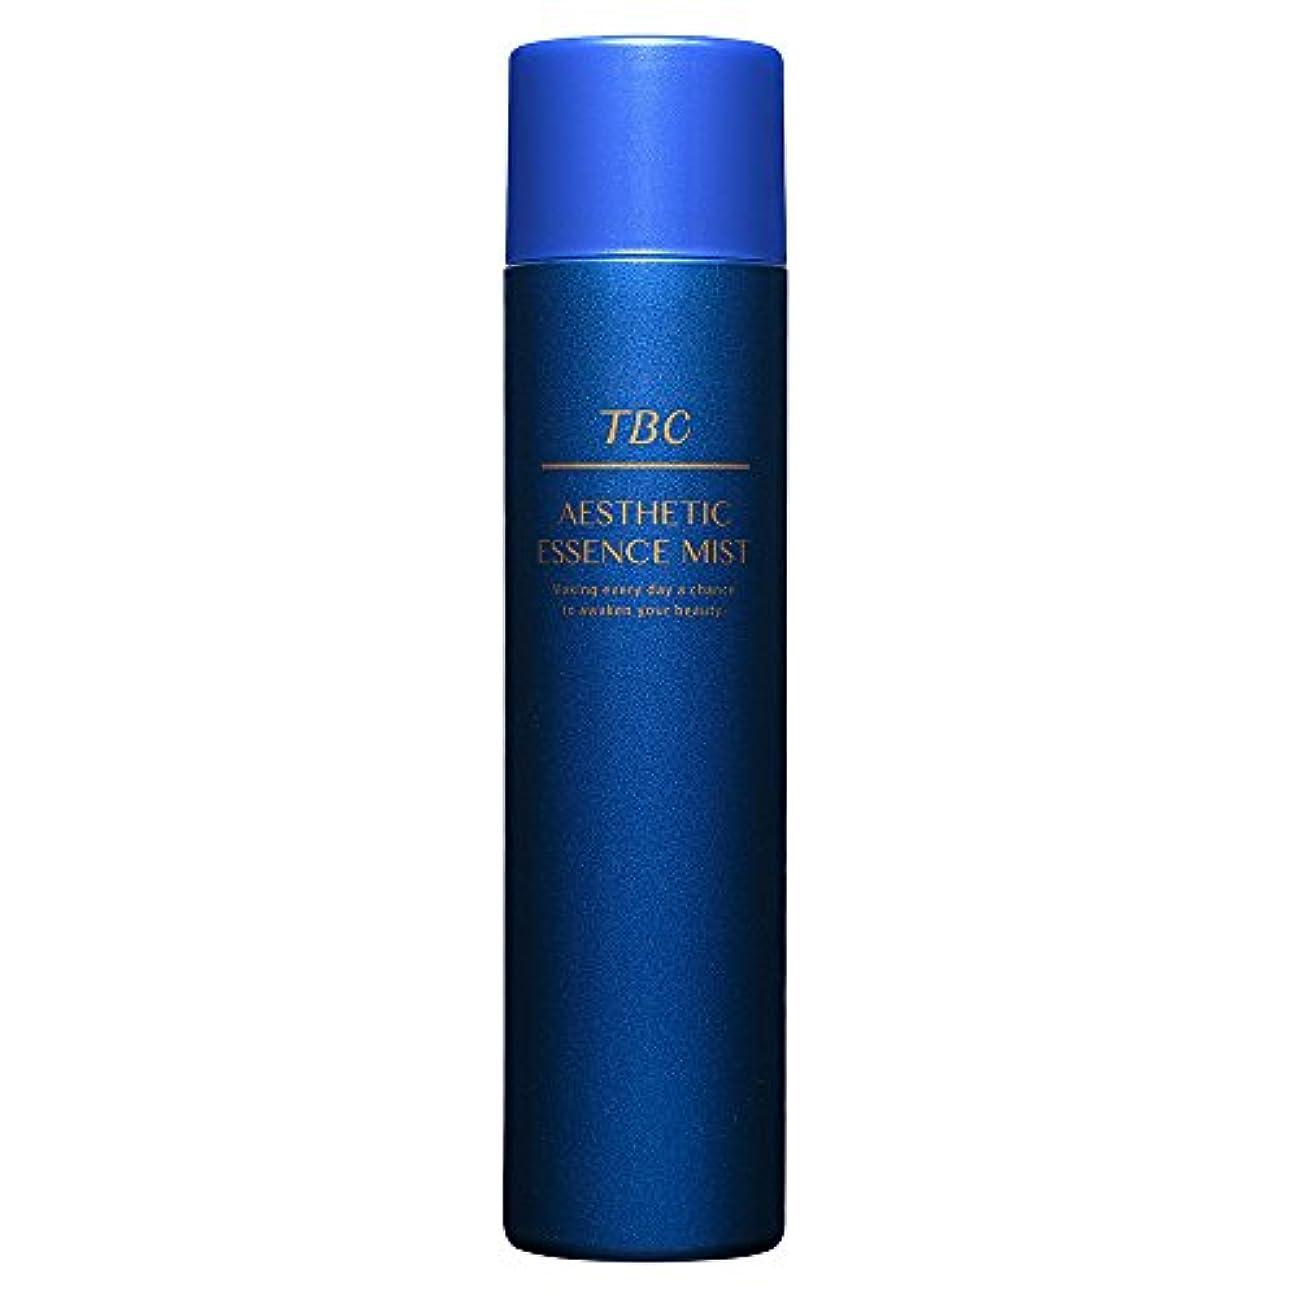 第二おなかがすいた変色するTBC エステティックエッセンスミスト 化粧水/炭酸ミスト/美容液/スプレータイプ/エステ